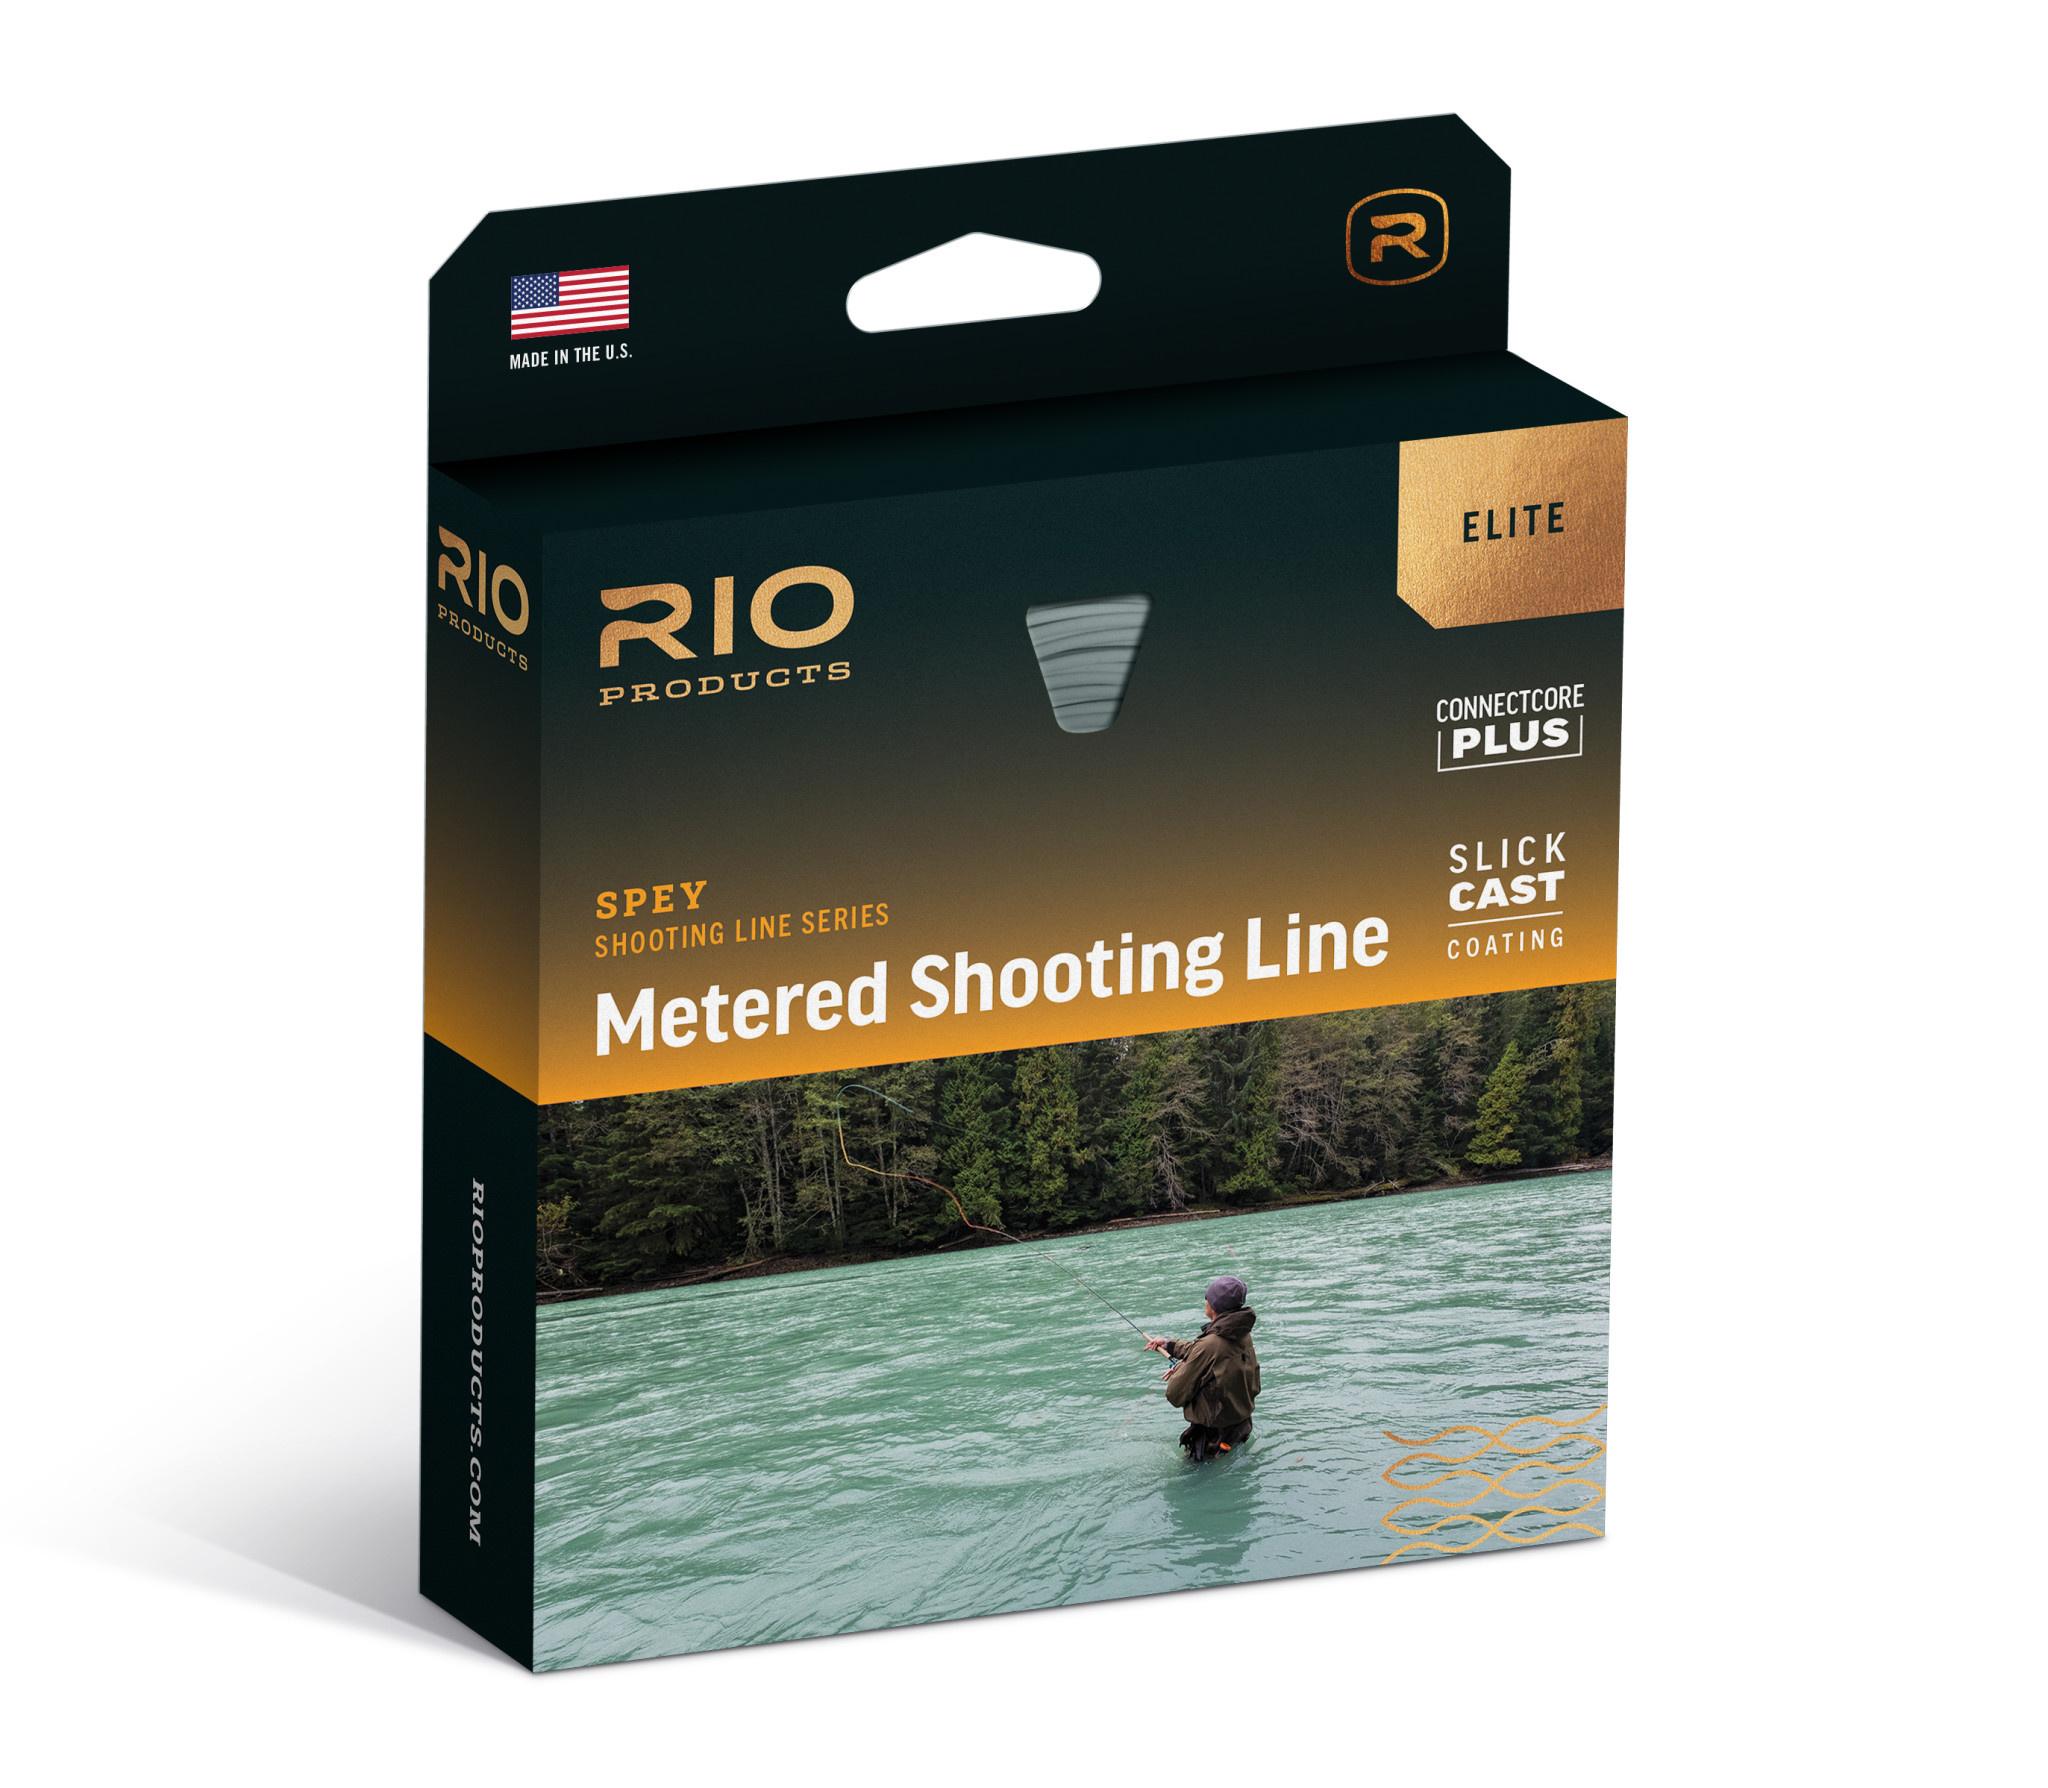 RIO Elite Metered Shooting Line